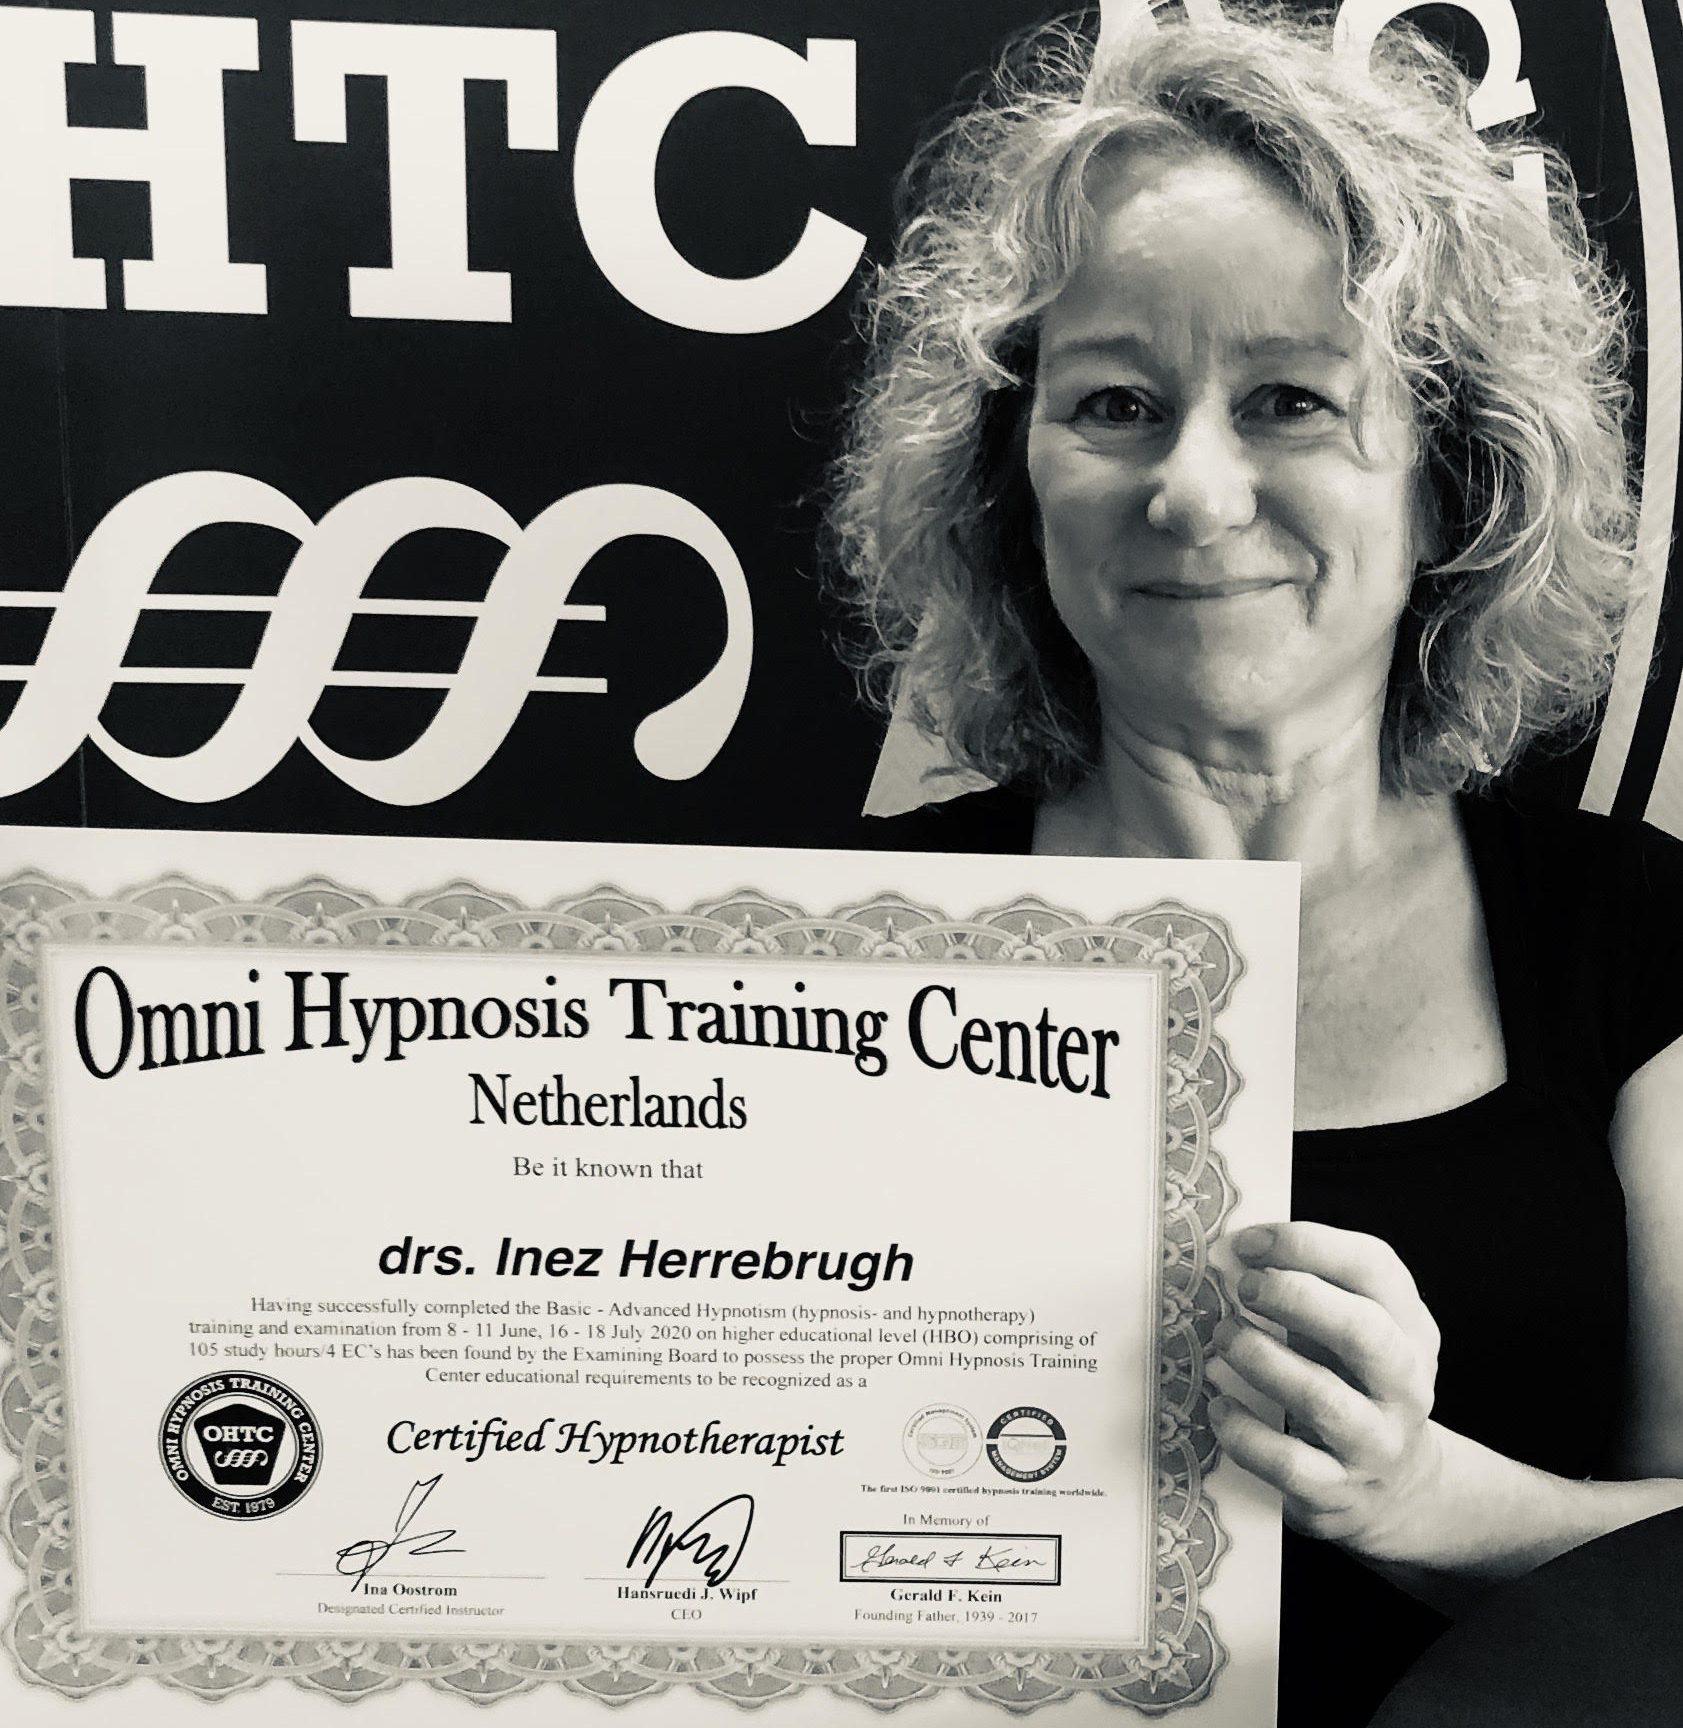 De Hypnopsycholoog